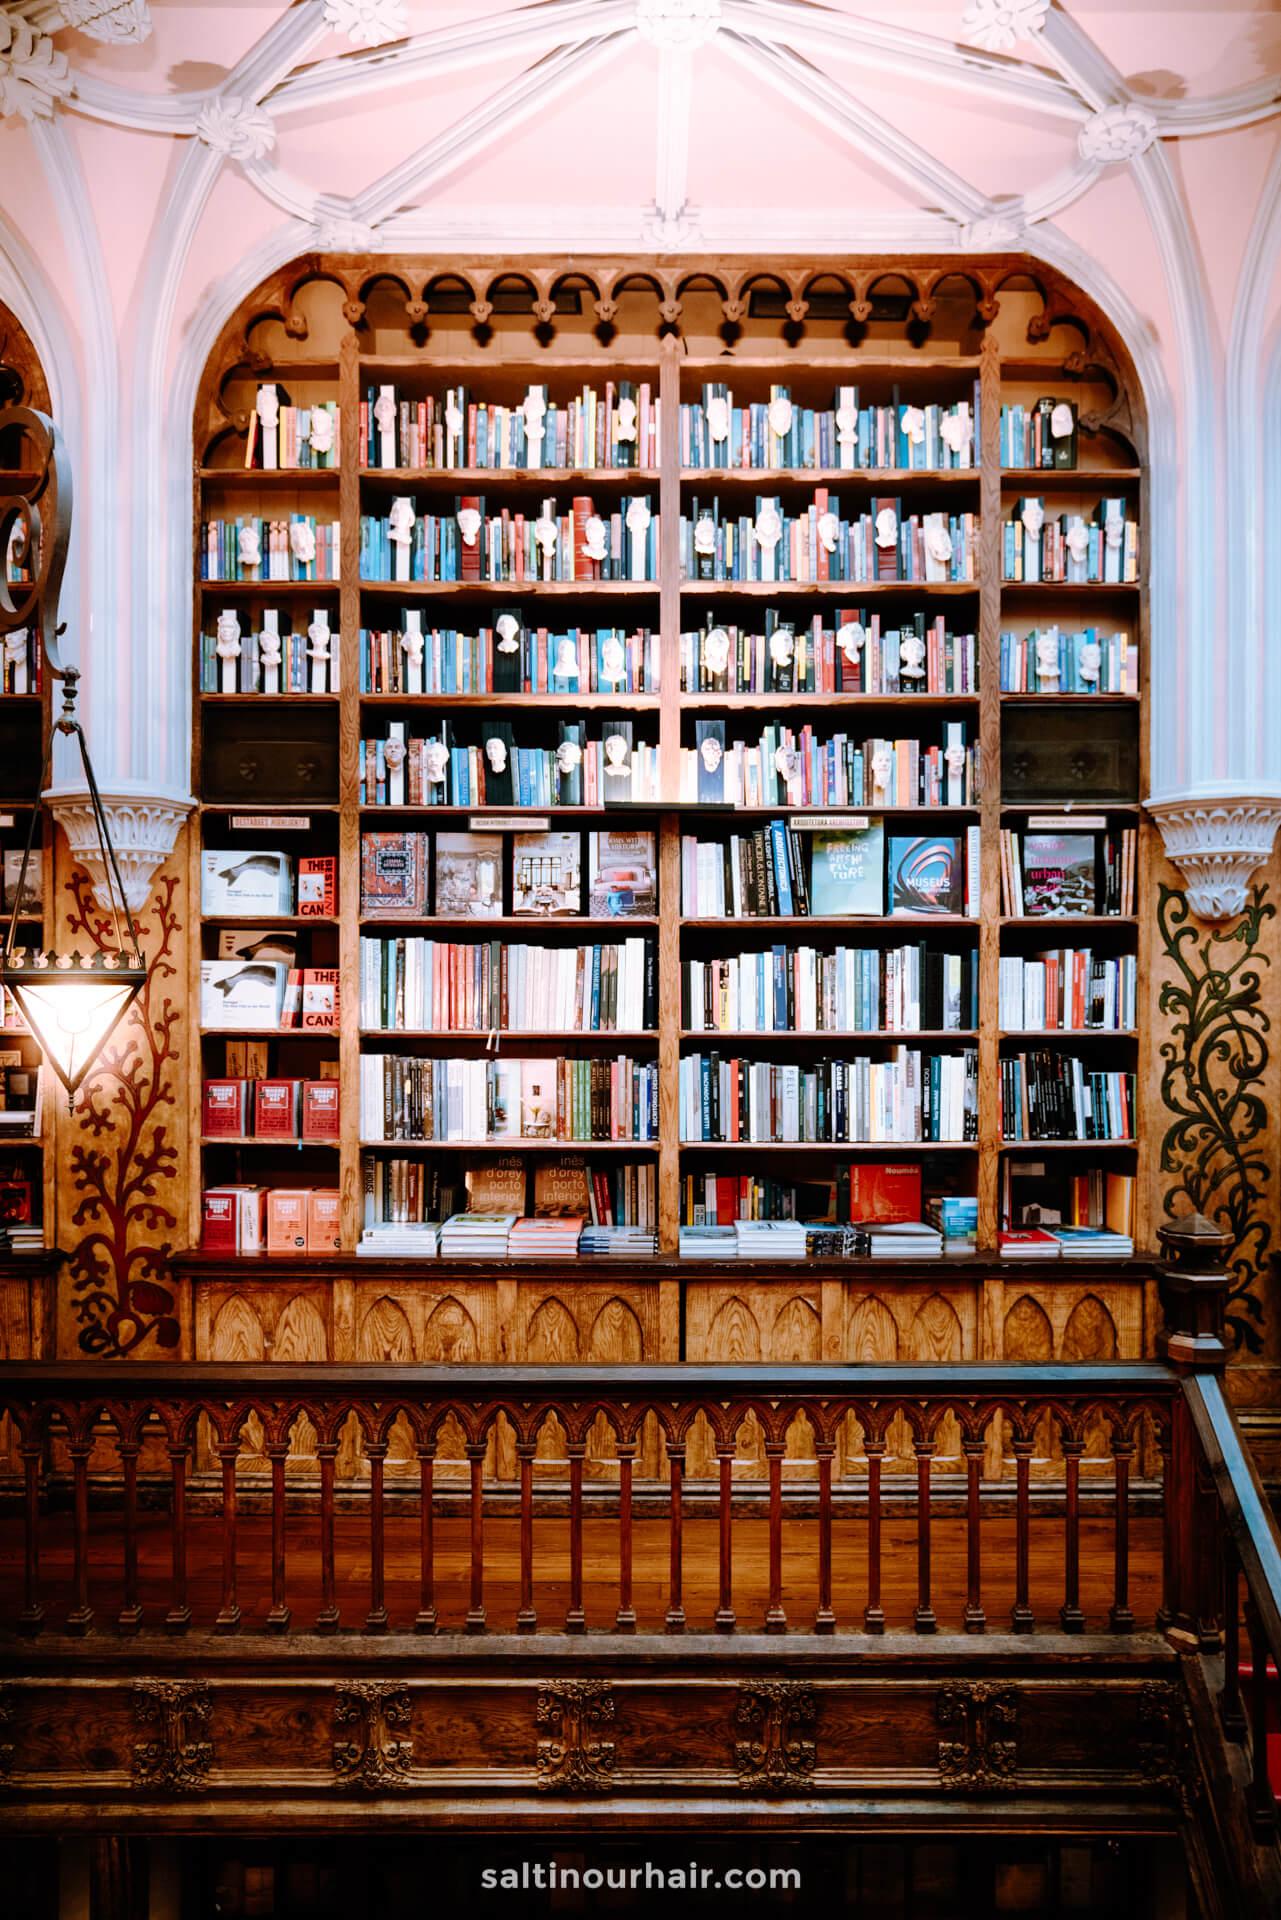 Livraria Lello porto boekwinkel